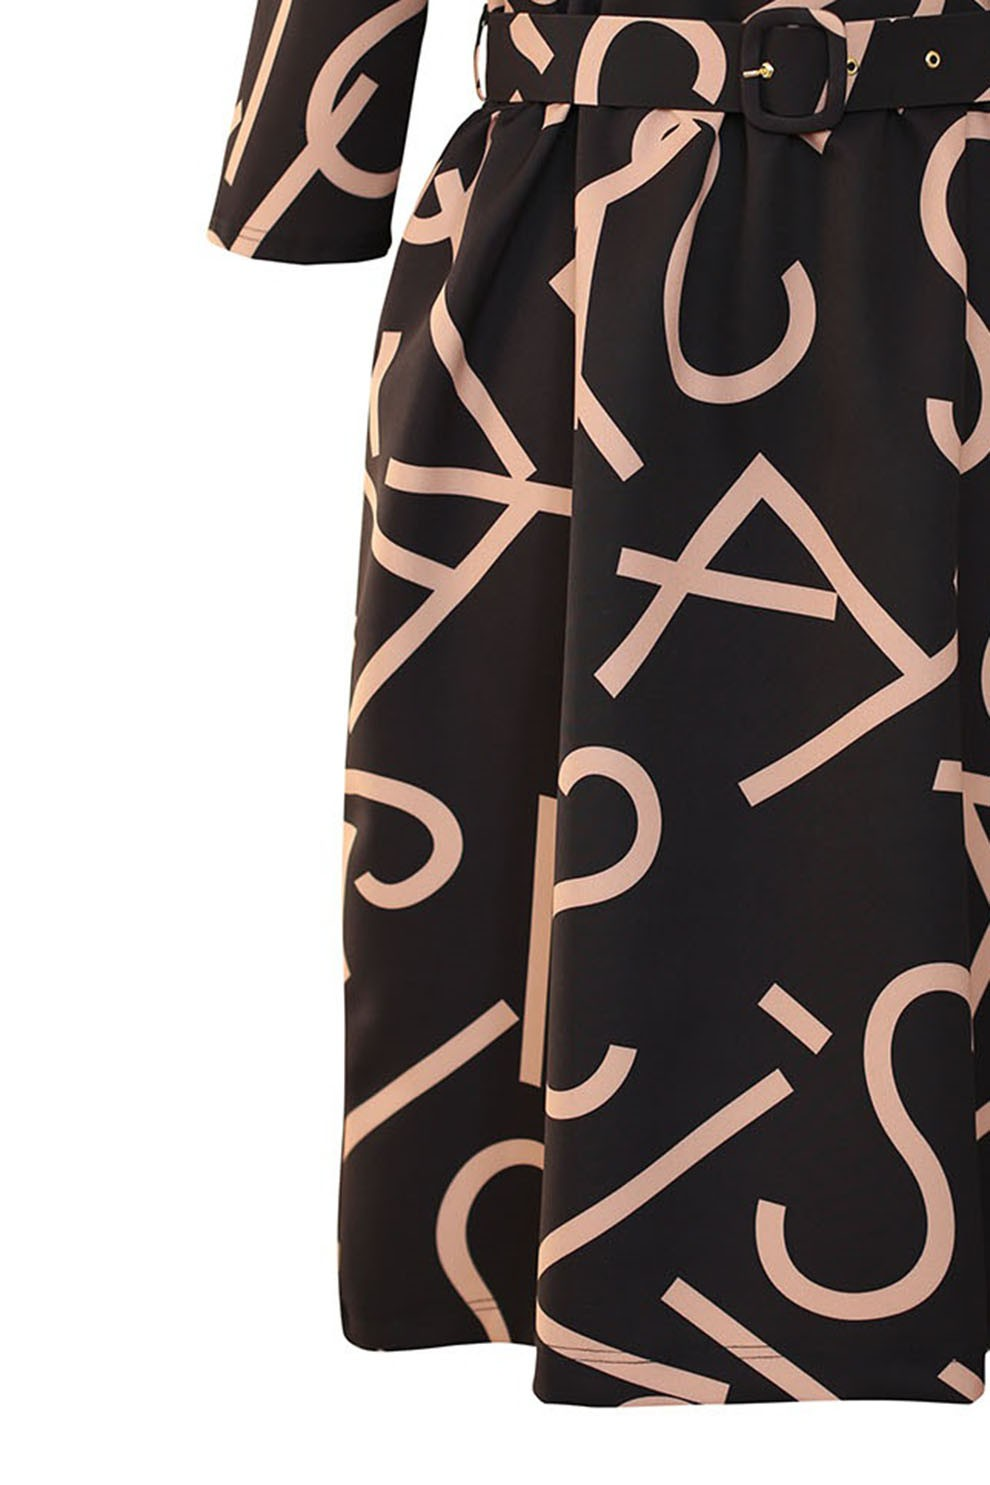 Czarna sukienka z wzorem w literki DELIA XL ka